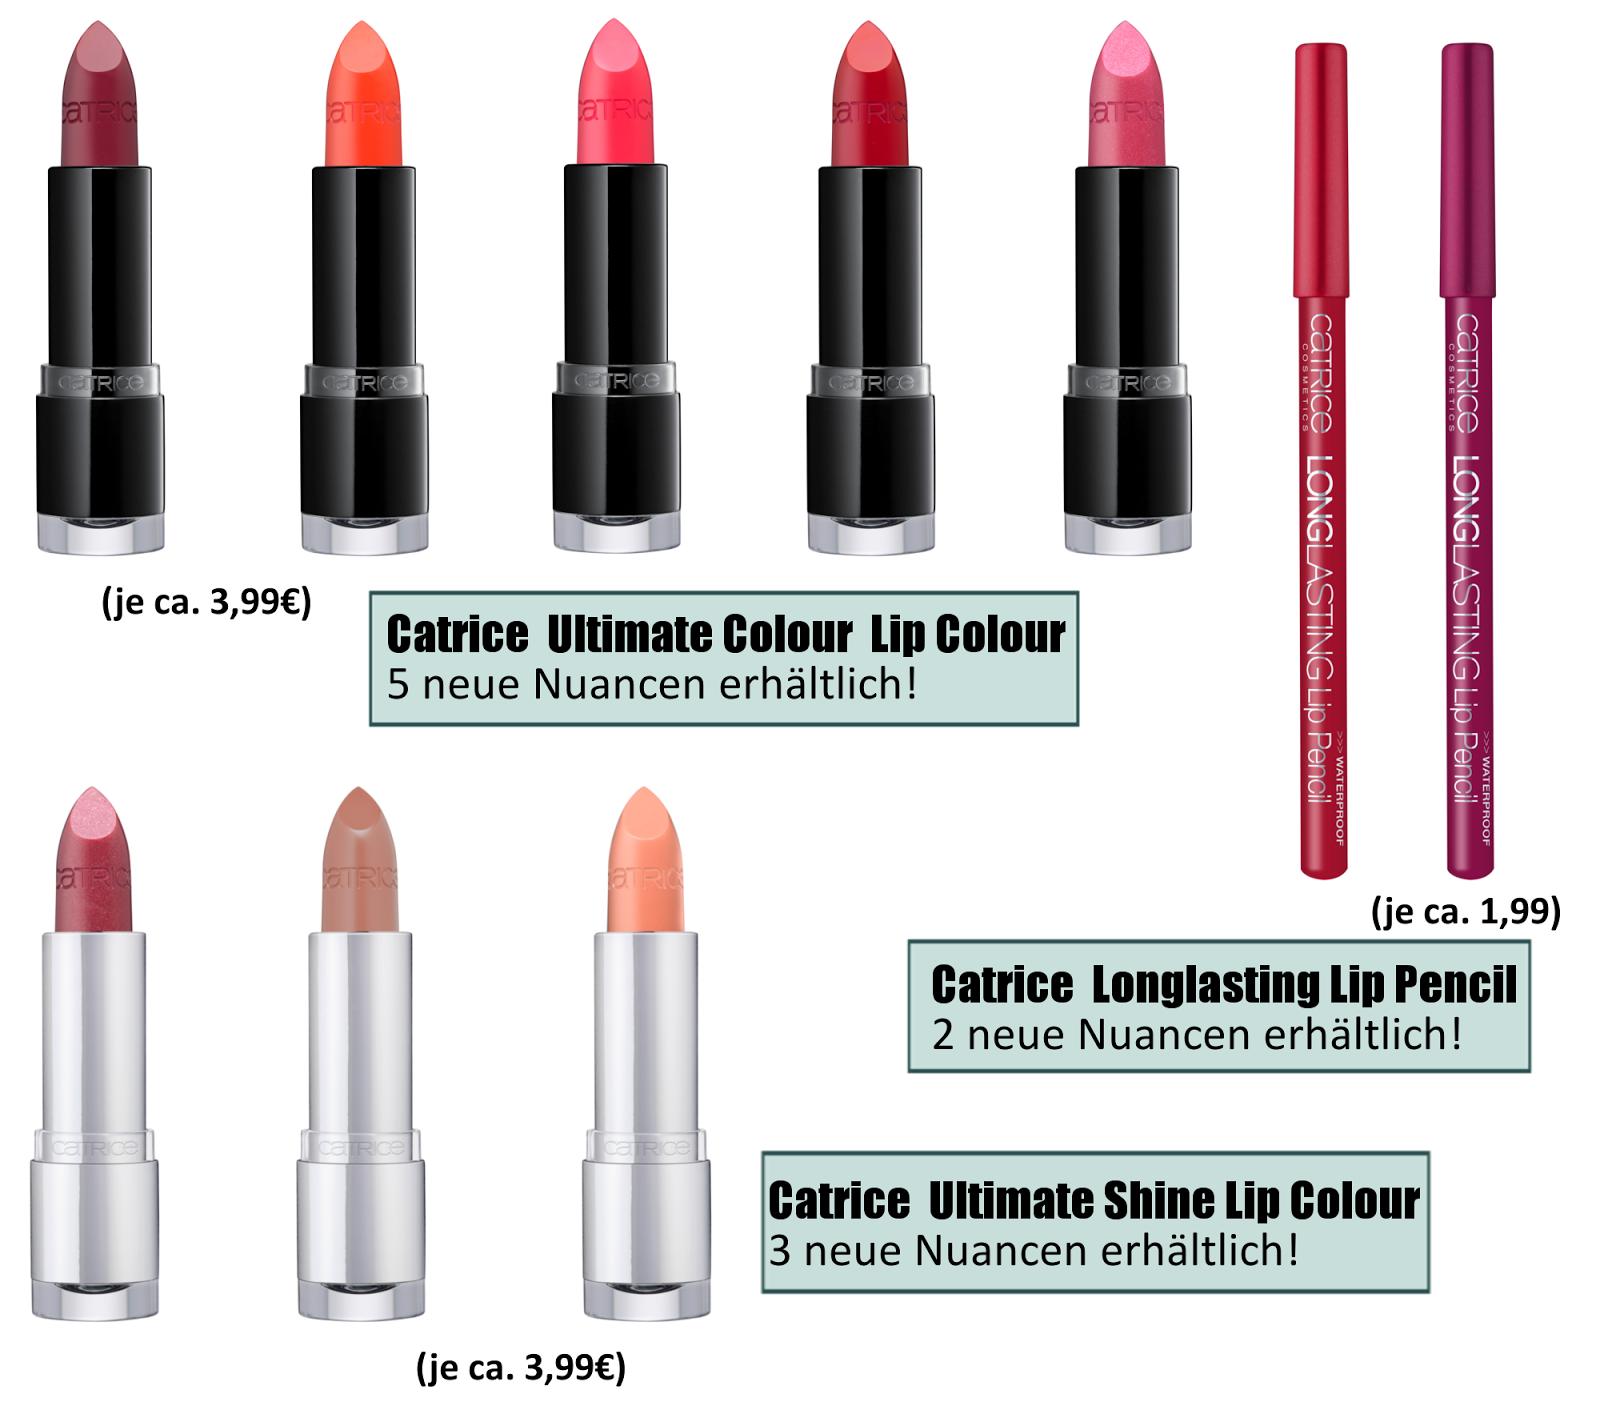 Catrice Sortimentsumstellung Frühling/ Sommer 2014 - Neuheiten Lippenprodukte